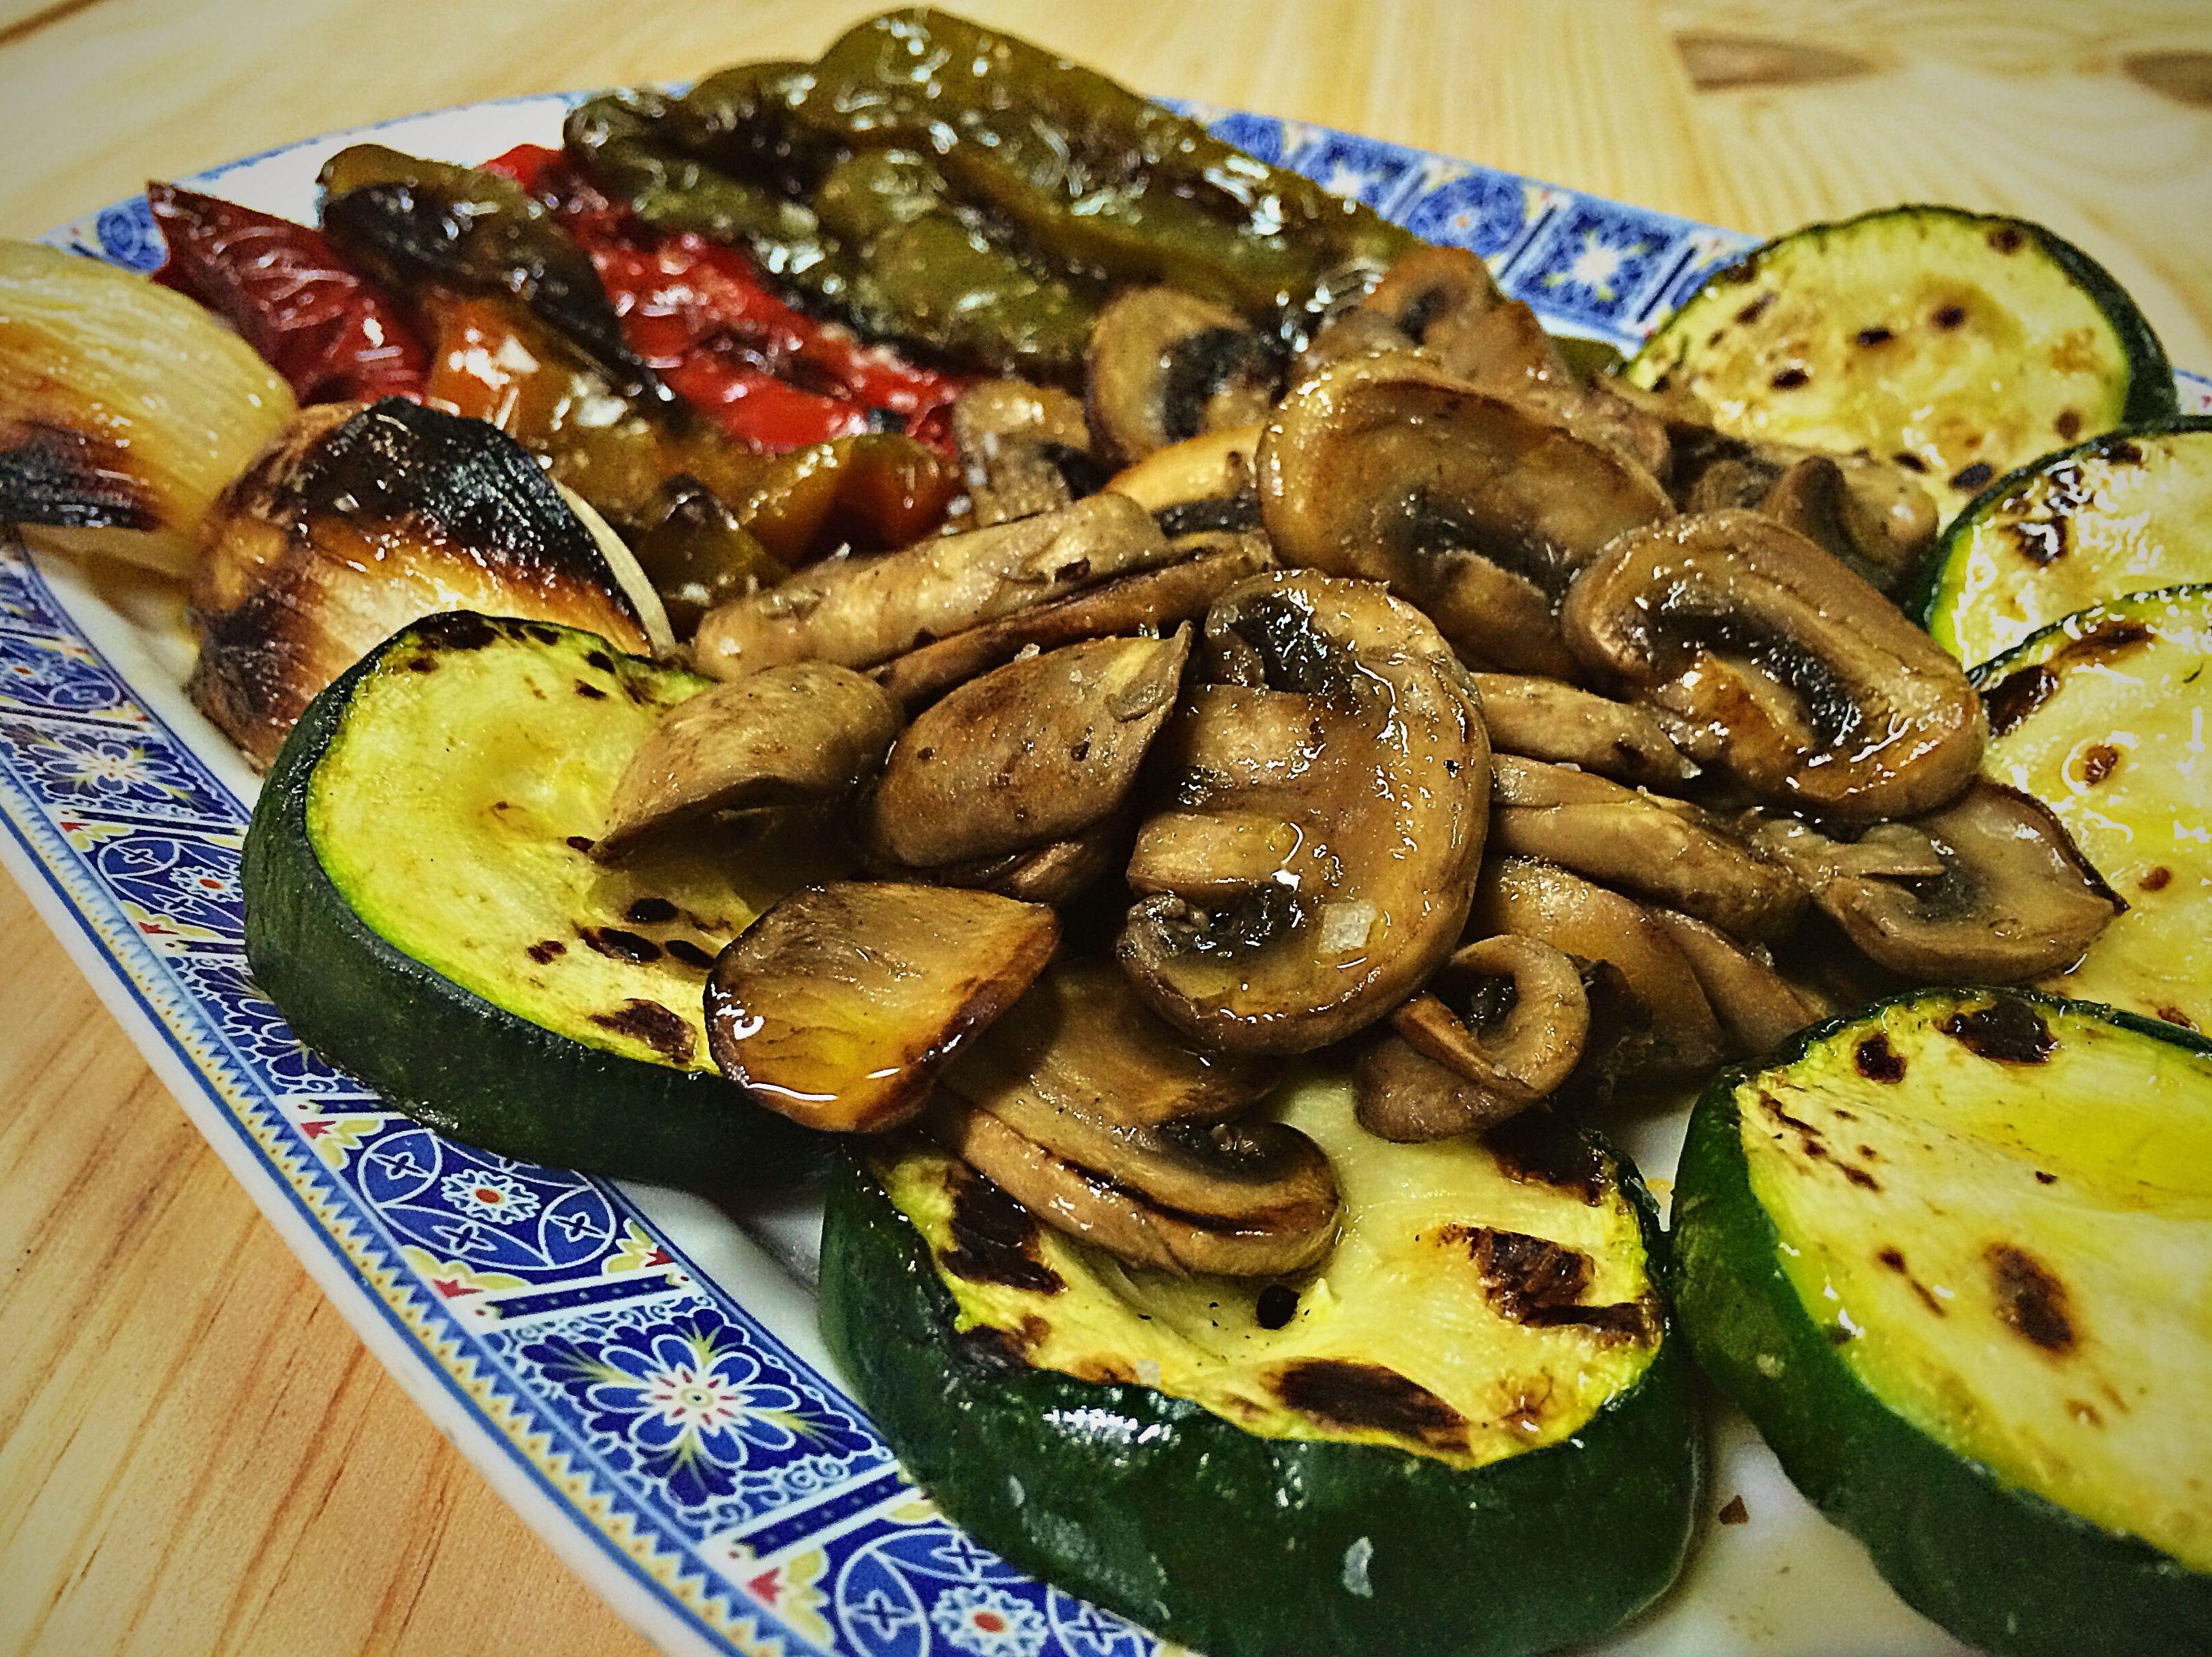 Foto 25 de Cocina gallega en Madrid | Restaurante Rías Bajas Clara del Rey